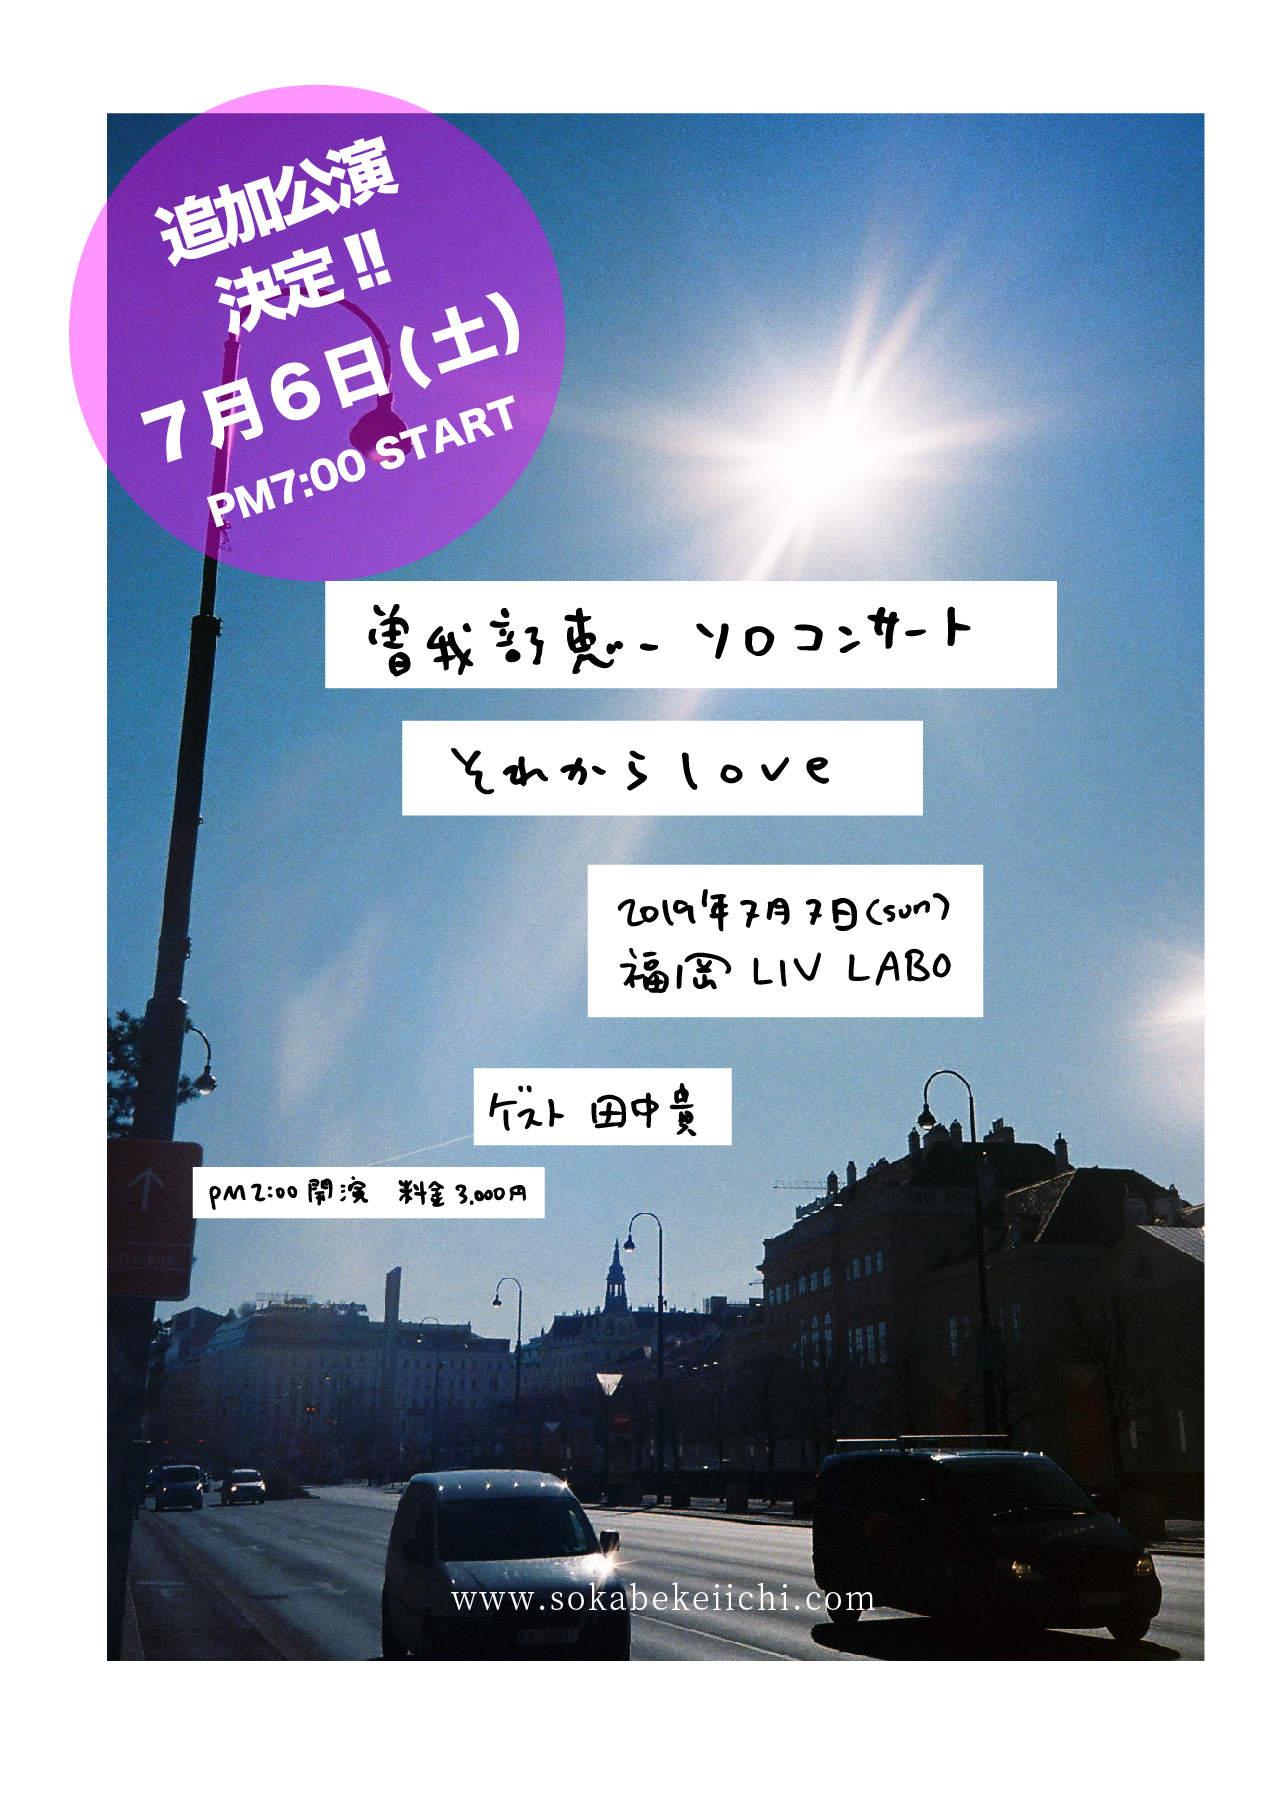 曽我部恵一ソロコンサート 「それからlove」追加公演が7/6 @福岡 LIV LABOにて決定しました!